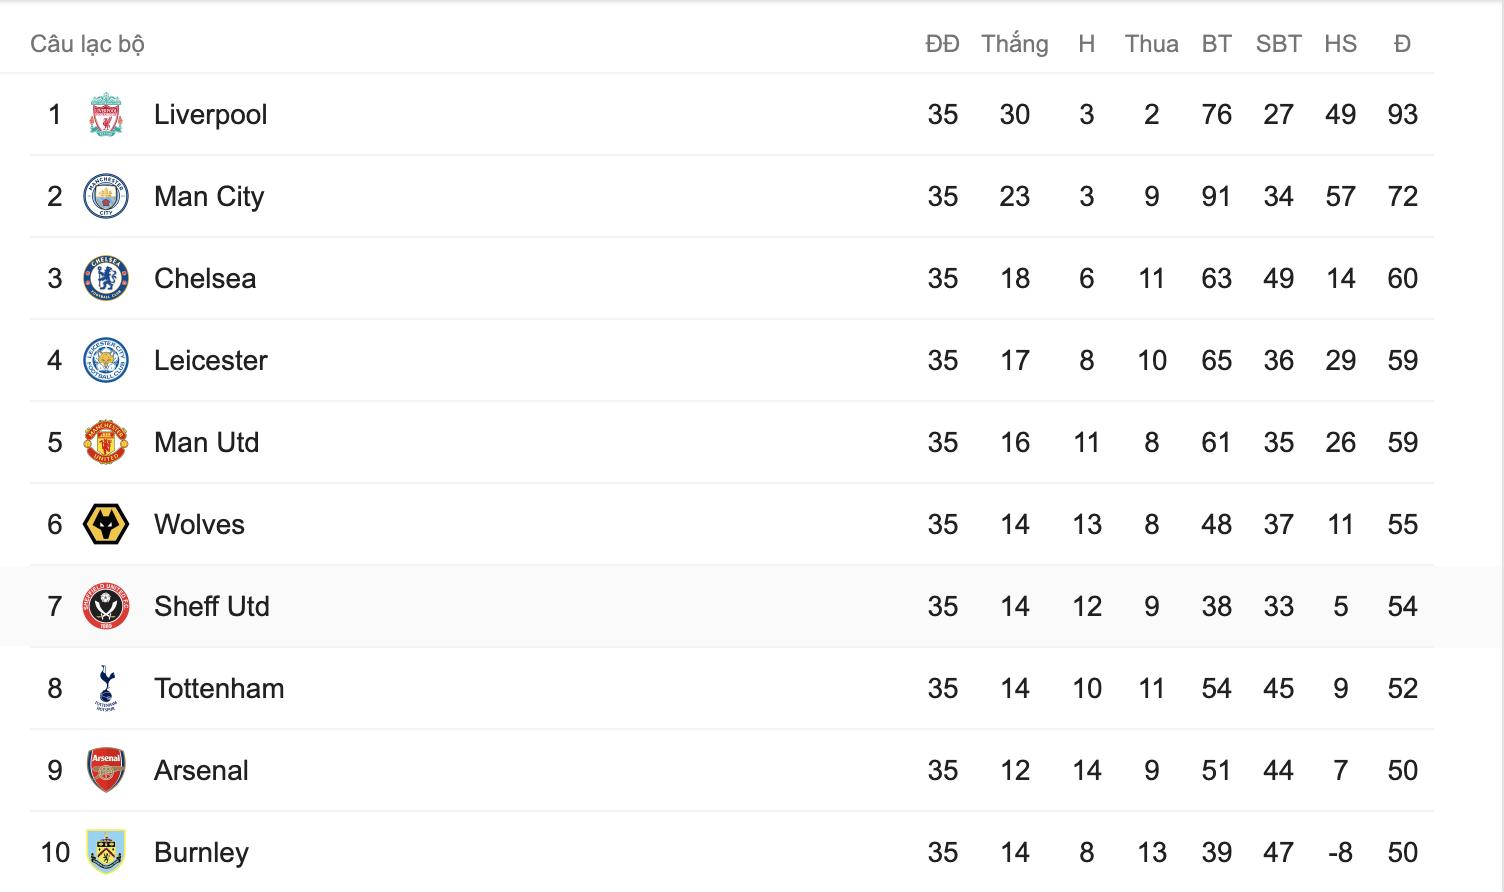 Thủng lưới phút bù giờ, Manchester United đánh mất cơ hội vào top 3 sau trận hòa đáng tiếc trước Southampton - Ảnh 9.